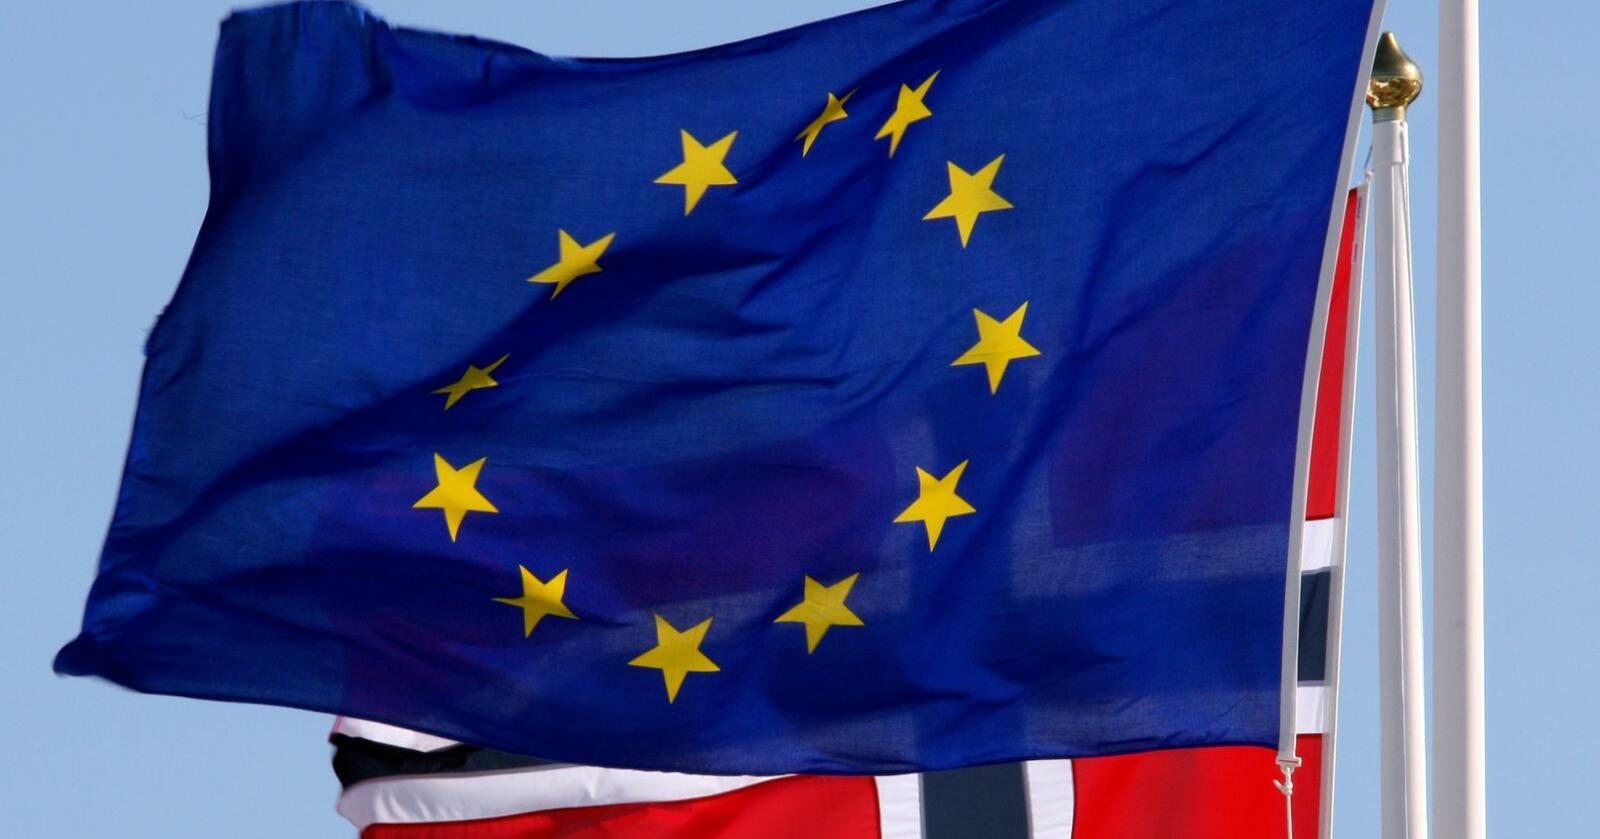 Flere fylkeslag i Venstre vil at partiet skal si ja til norsk EU-medlemskap. Arkivfoto: Lise Åserud / NTB scanpix